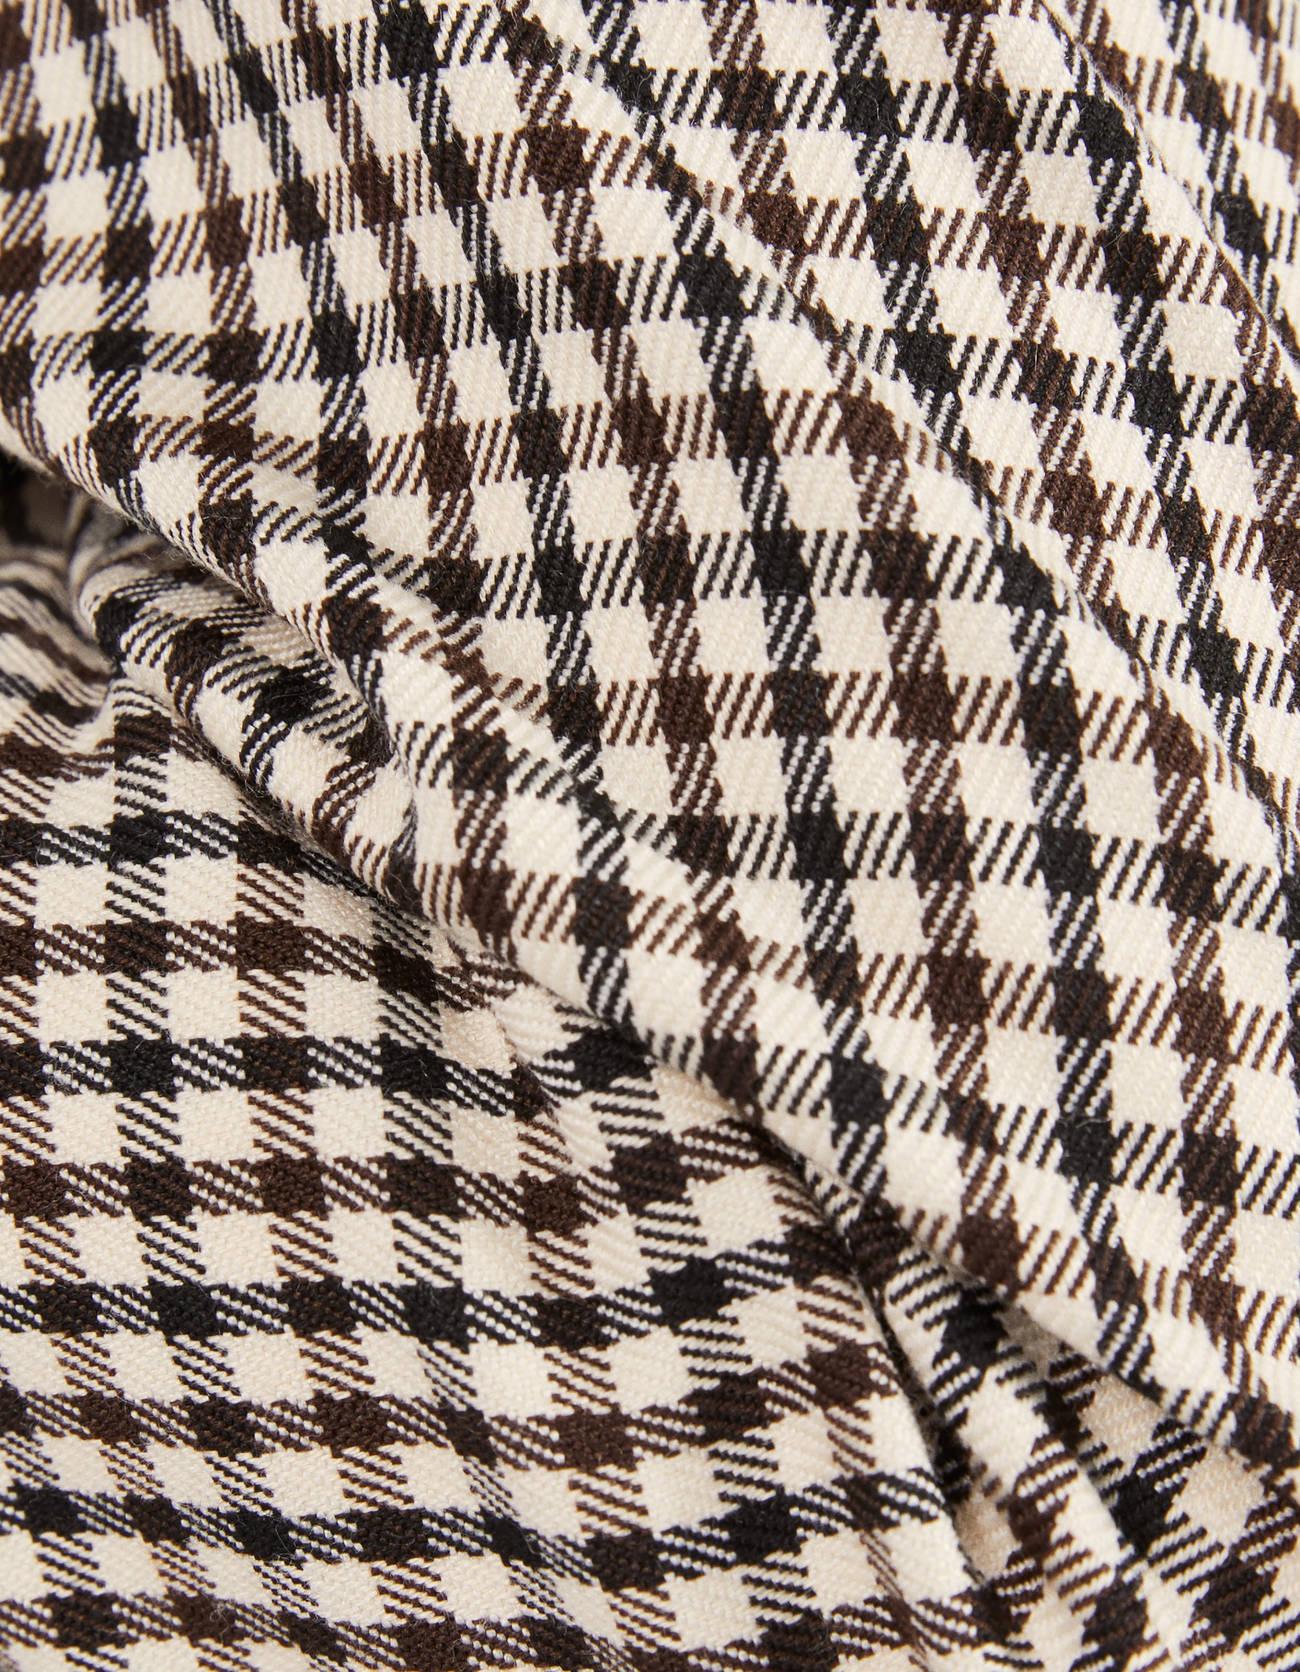 Пиджак с подворачиваемыми рукавами Бежевый Bershka